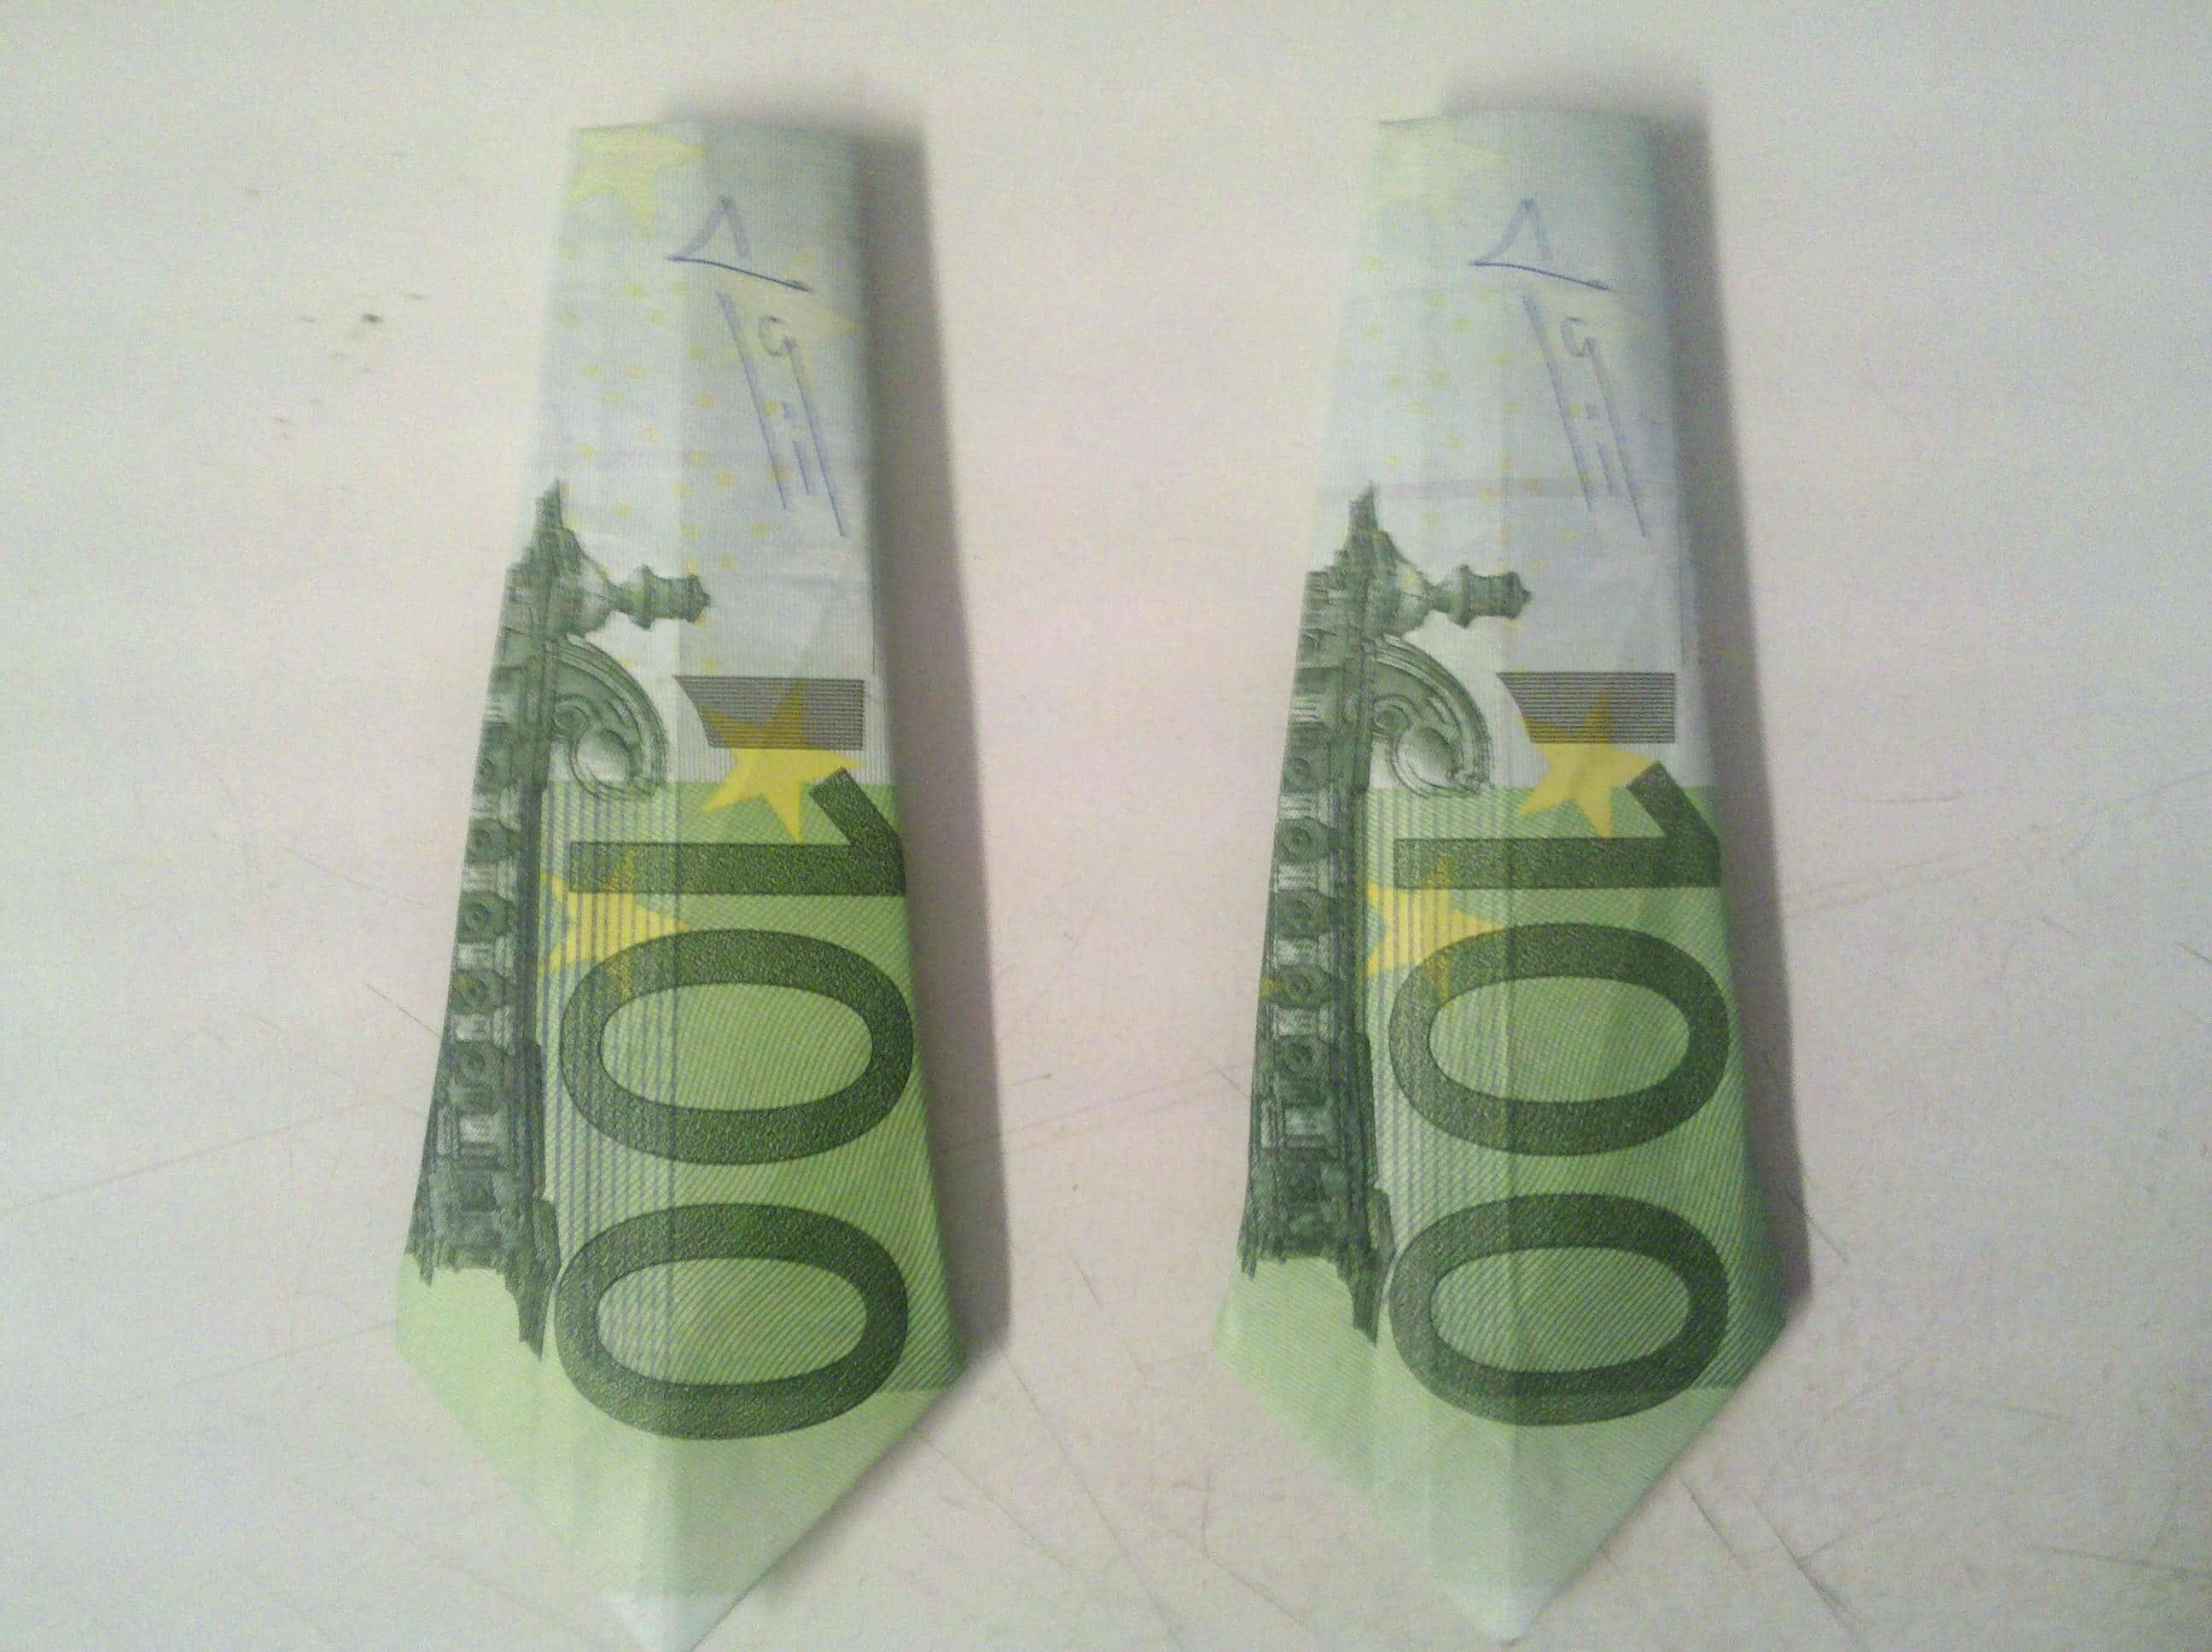 Krawatte aus Geldschein falten